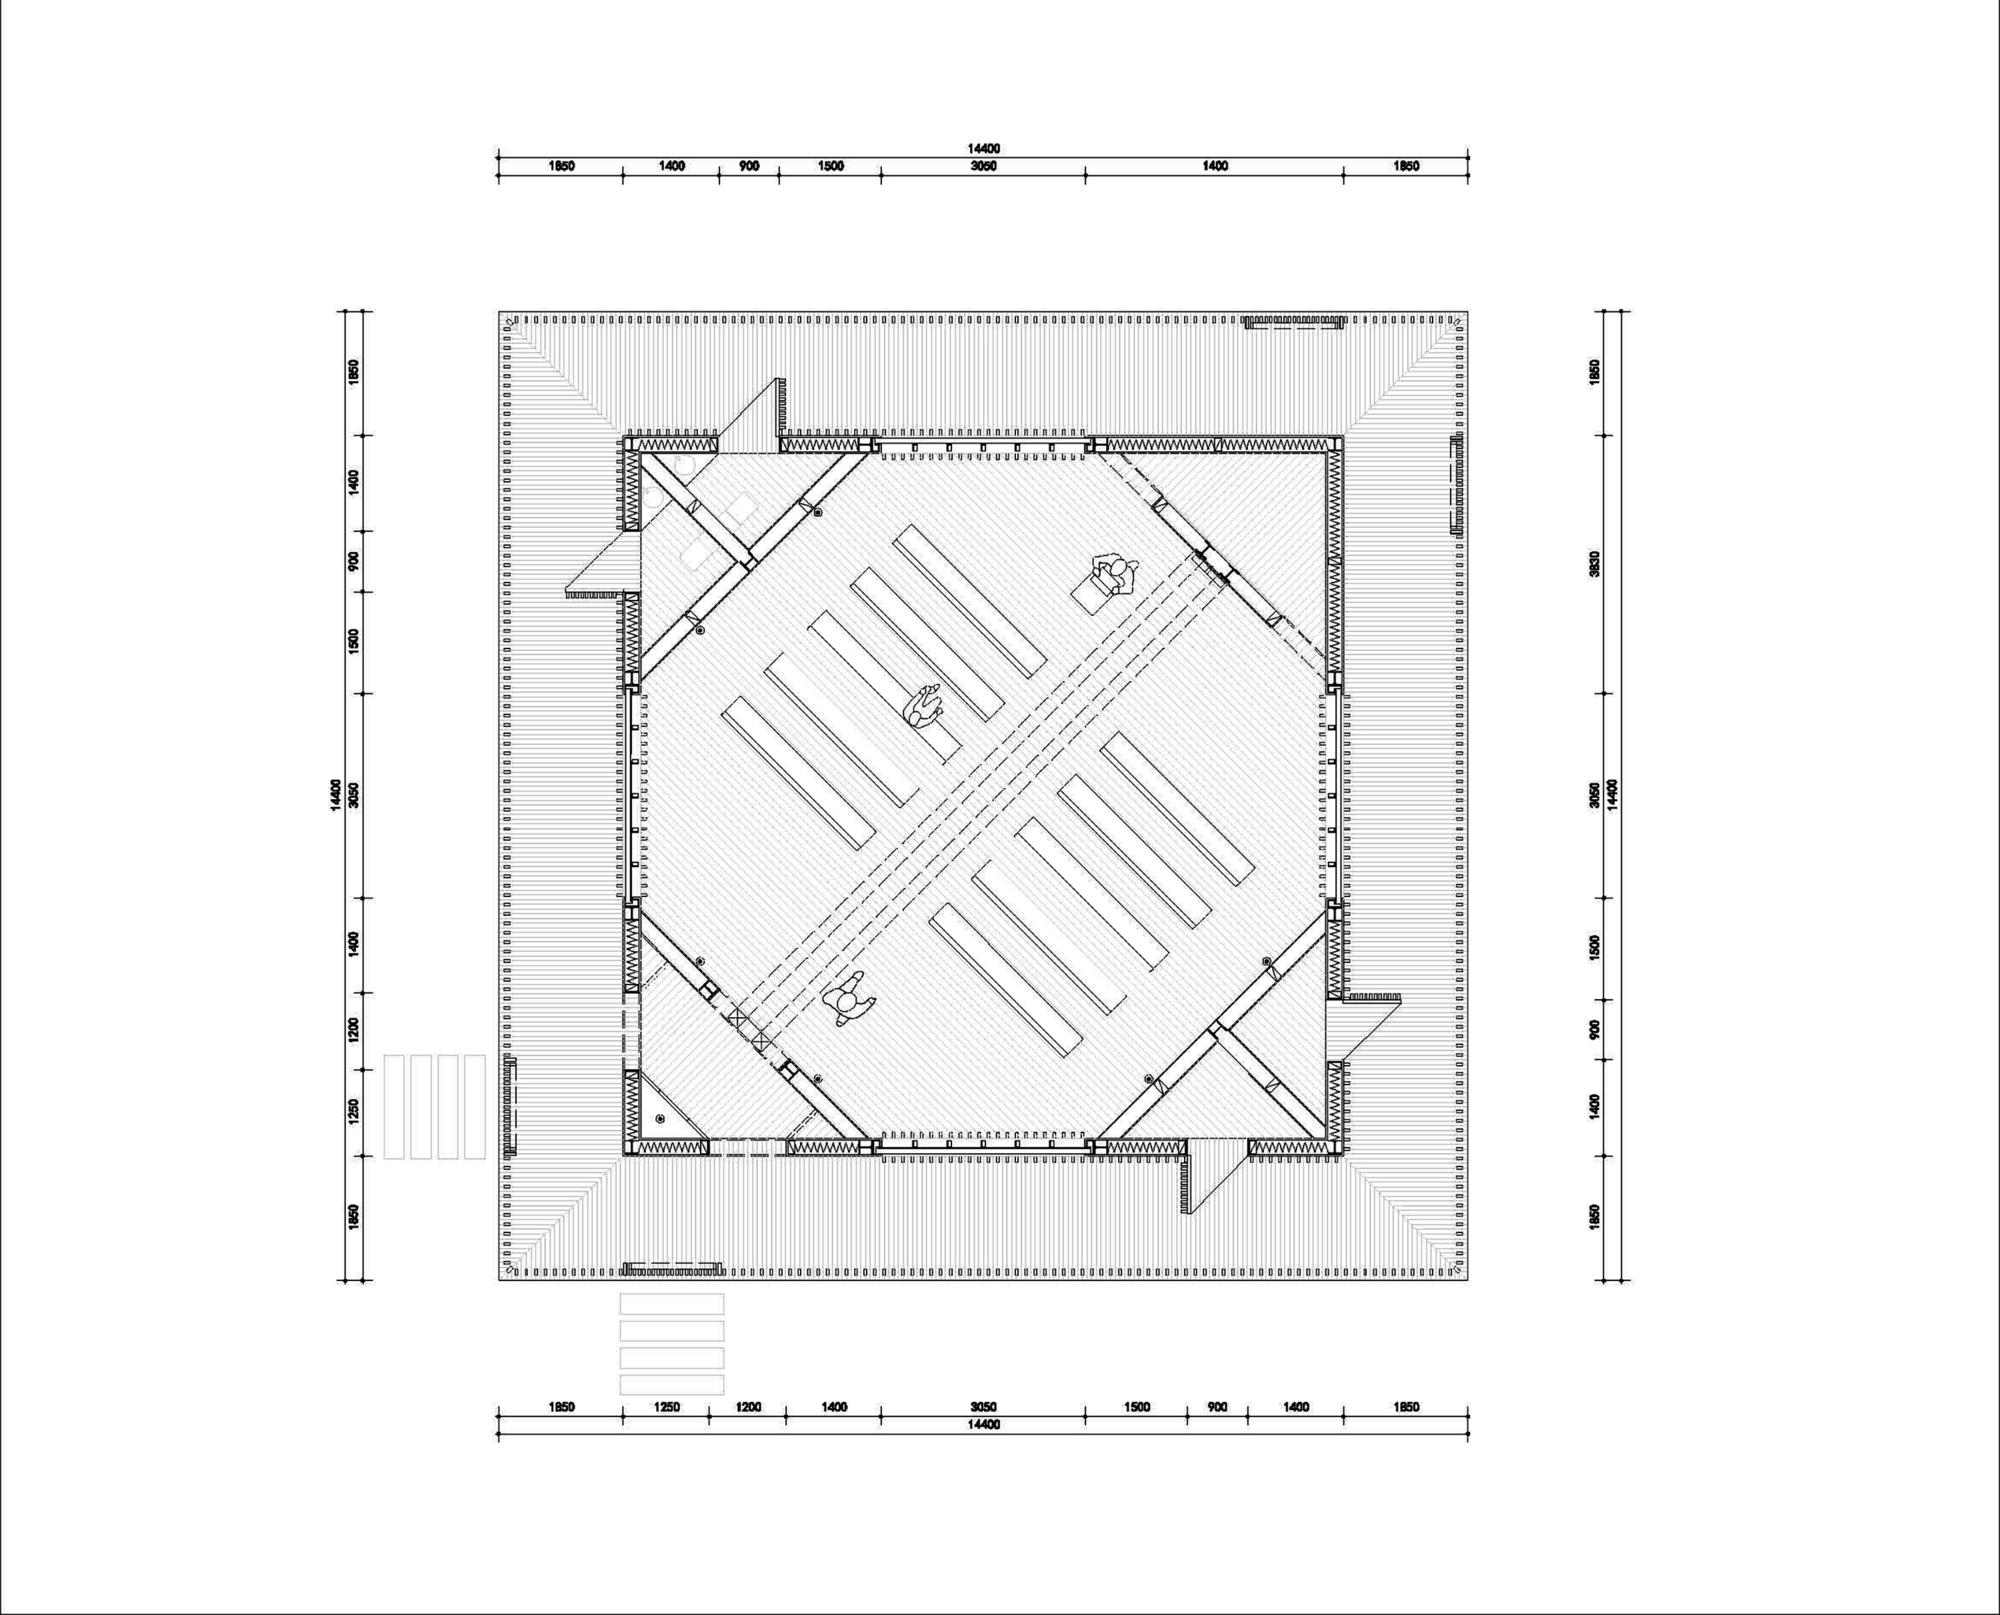 543485fac07a8009ad00001b_nanjing-wanjing-garden-chapel-azl-architects_floor_plan